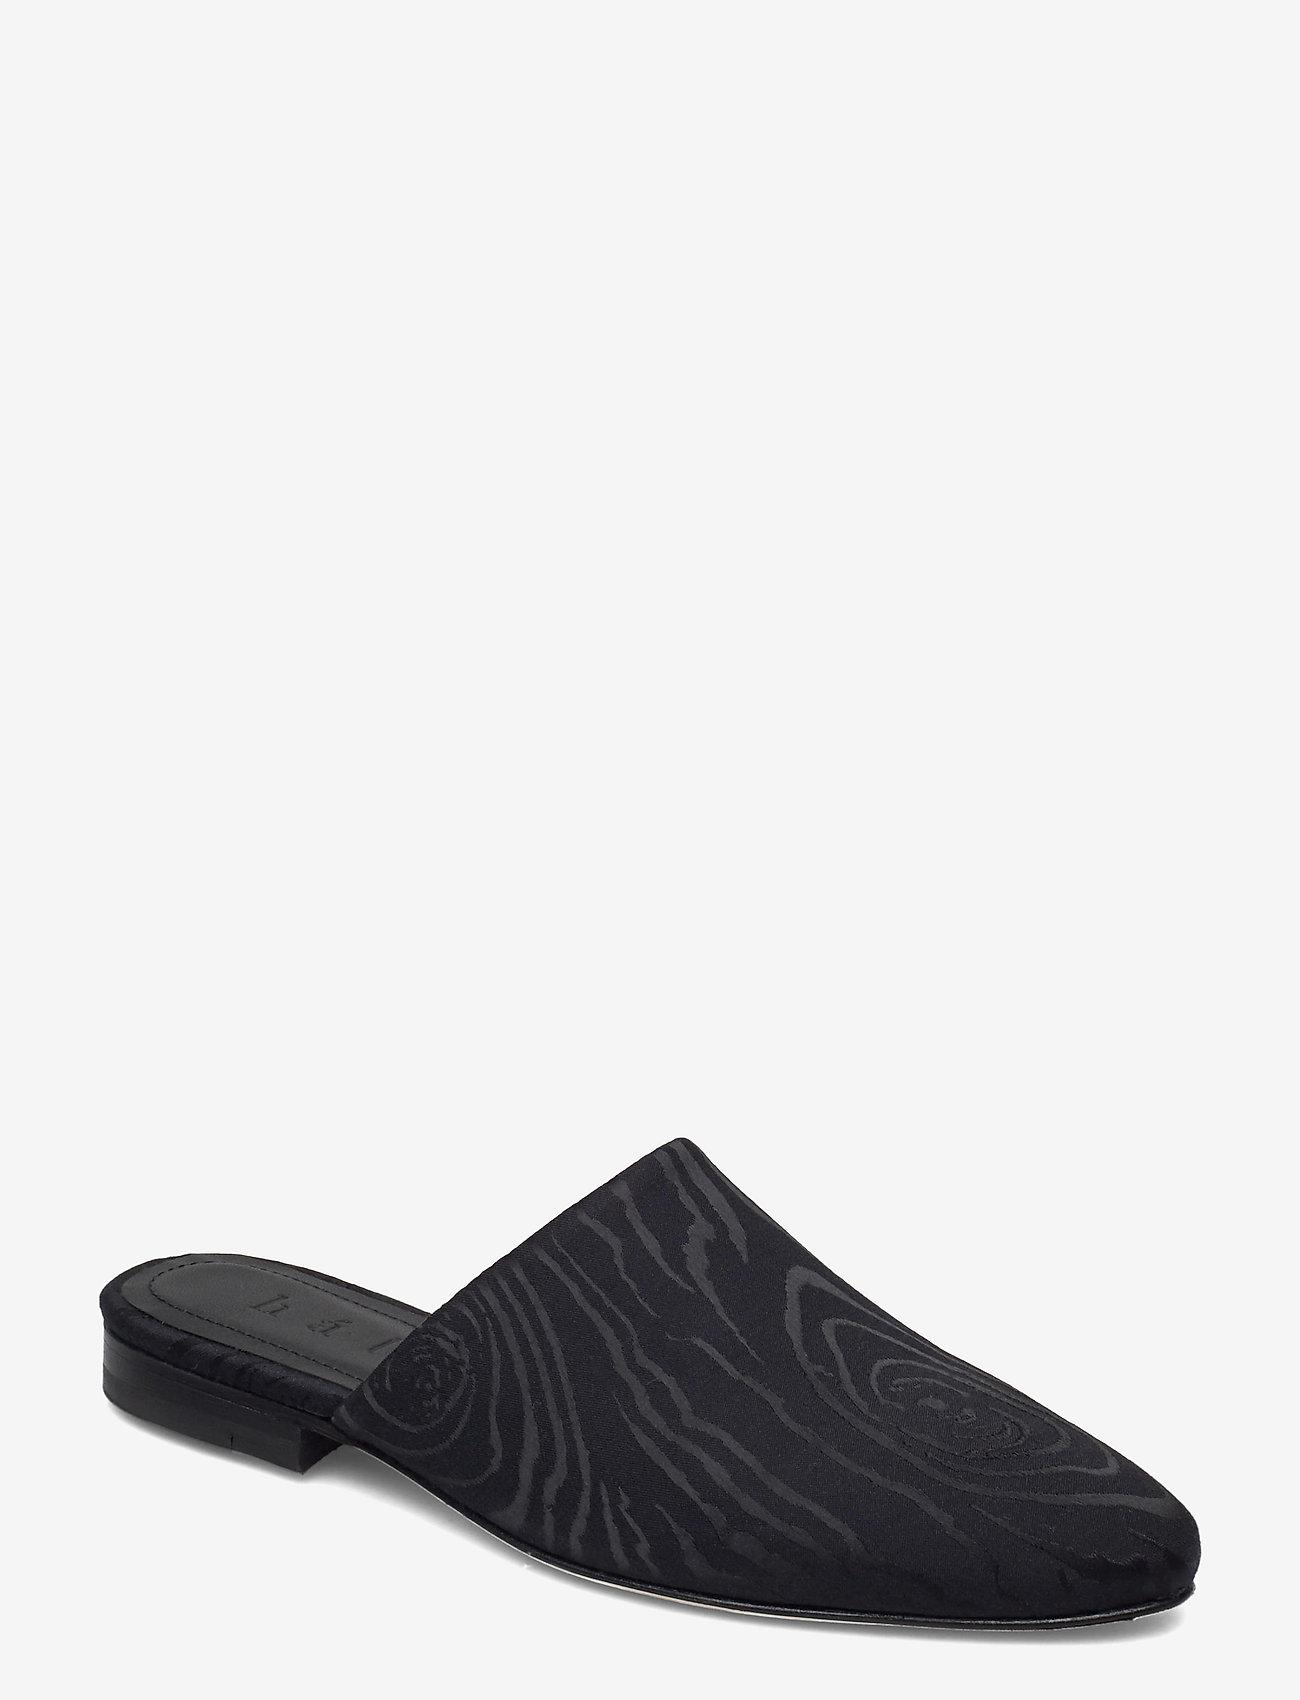 hálo - KAARNA slippers - buty - black - 0